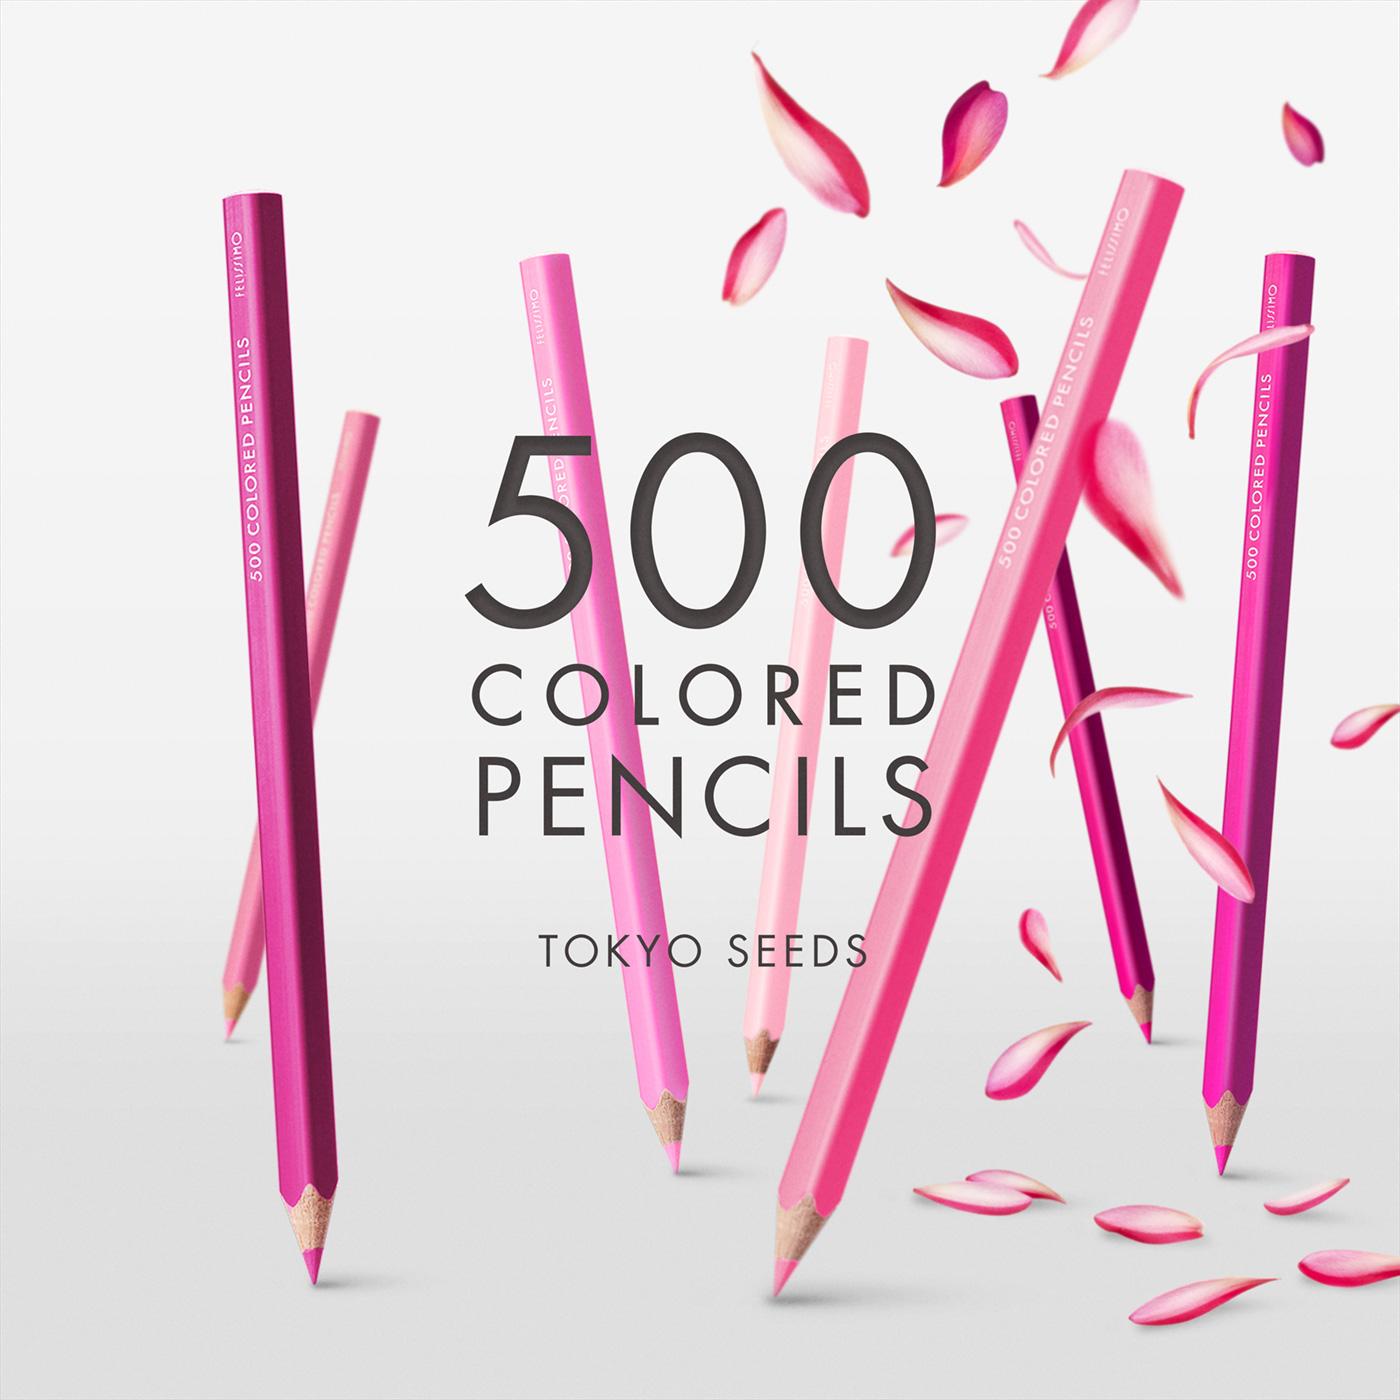 1992年、世界初の「500色」という膨大な色数の色えんぴつが誕生して以来、その販売数は発売当初から合わせると、世界55ヵ国10万セット以上。今回、メイド・イン・ジャパンにこだわり、すべてが新しく生まれ変わって登場しました。